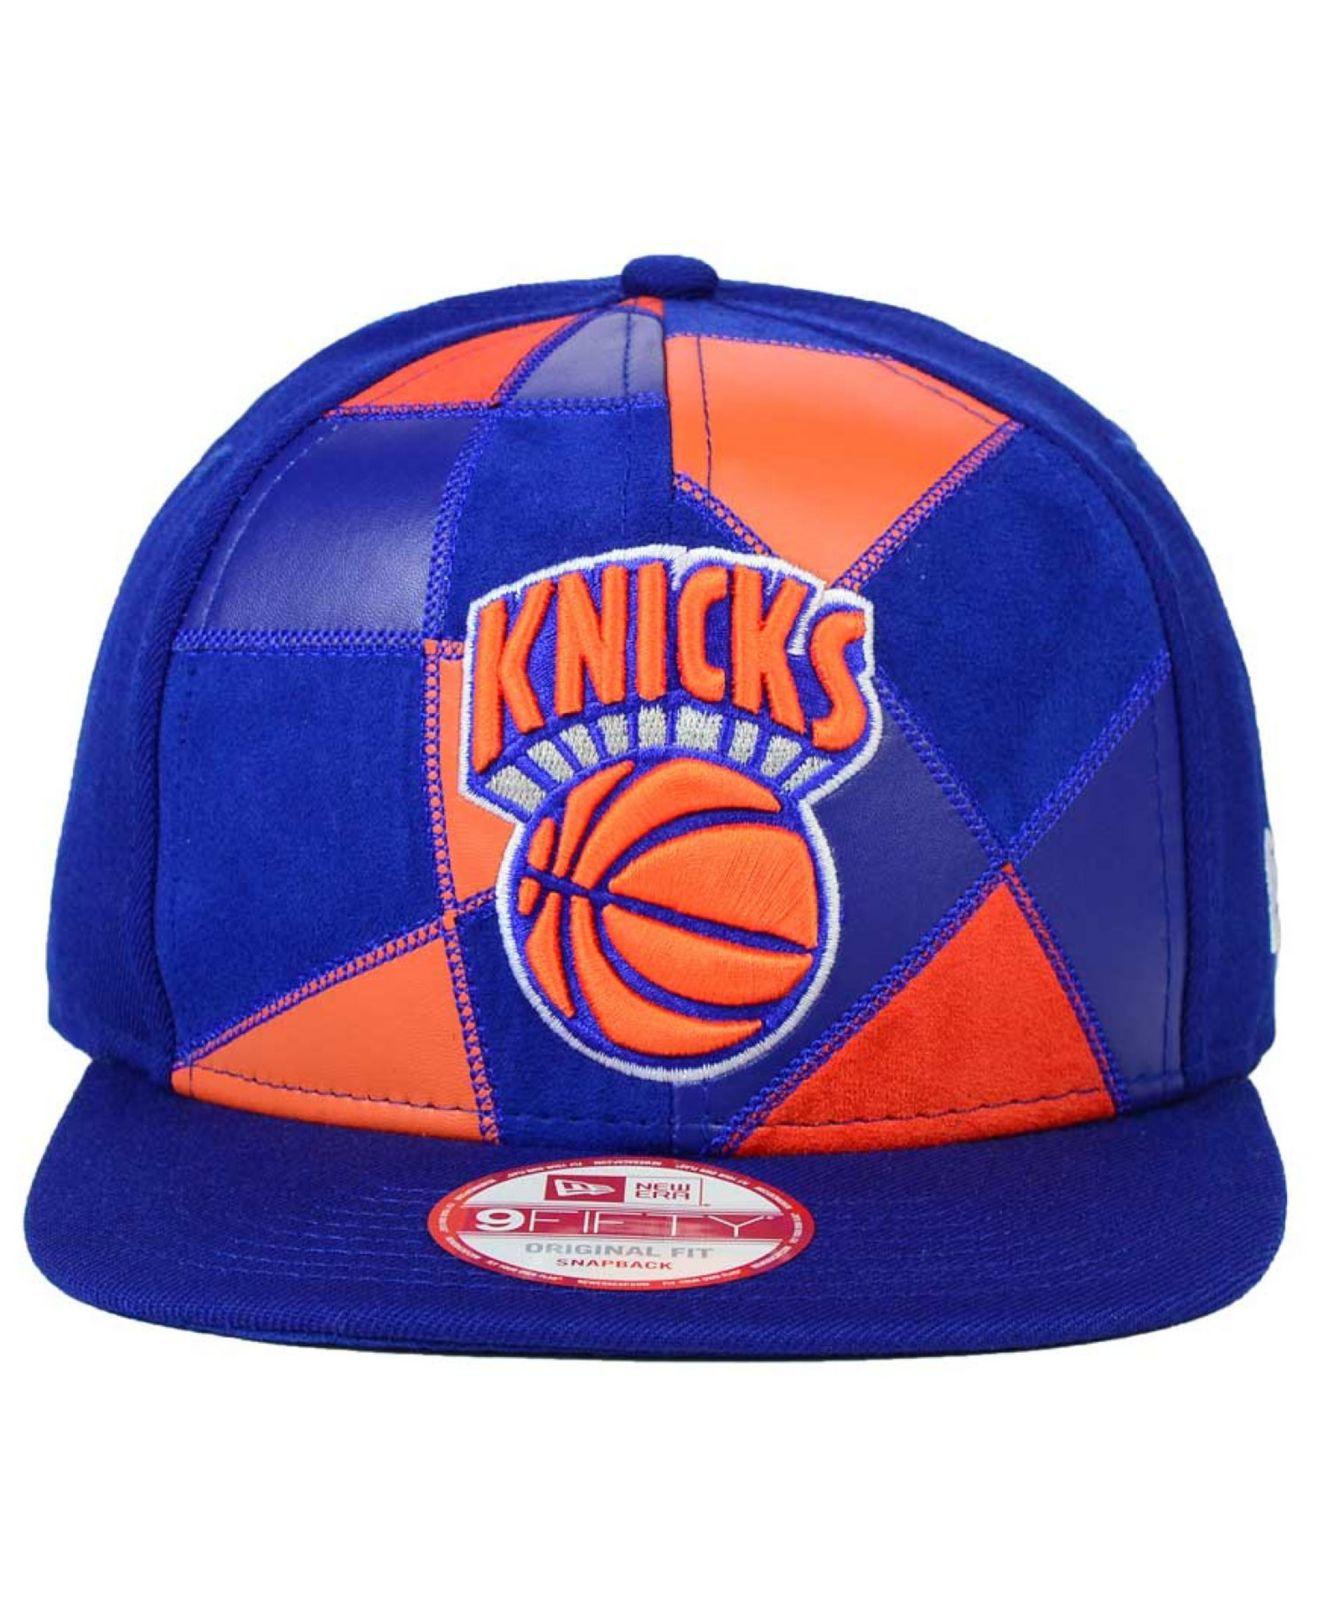 newest 9b940 882dc ... sale lyst ktz new york knicks hwc cut paste 9fifty snapback cap in  f2be8 20bdb